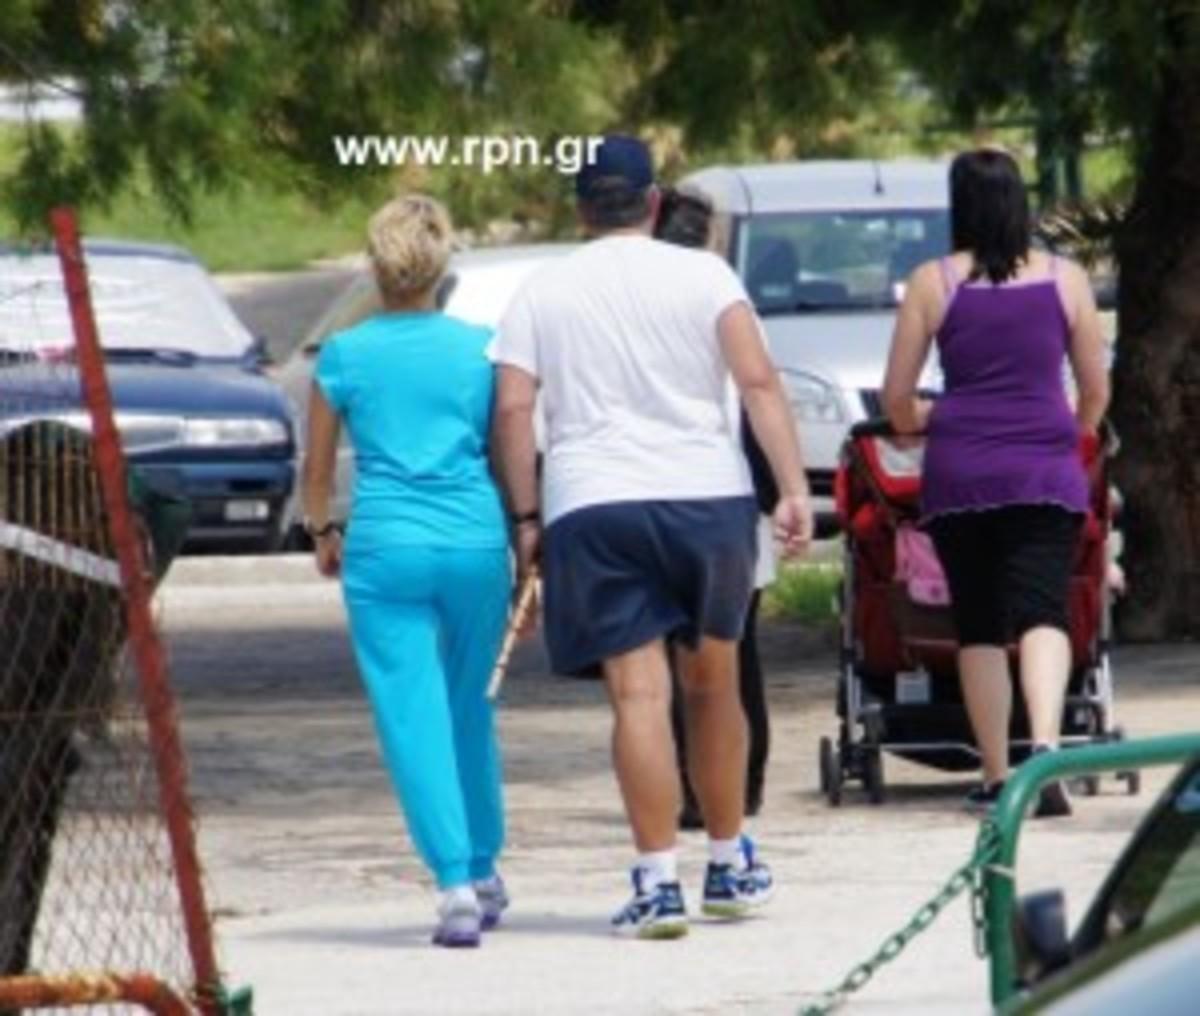 Βόλτα του Καραμανλή με σορτσάκι.Δείτε φωτογραφίες | Newsit.gr